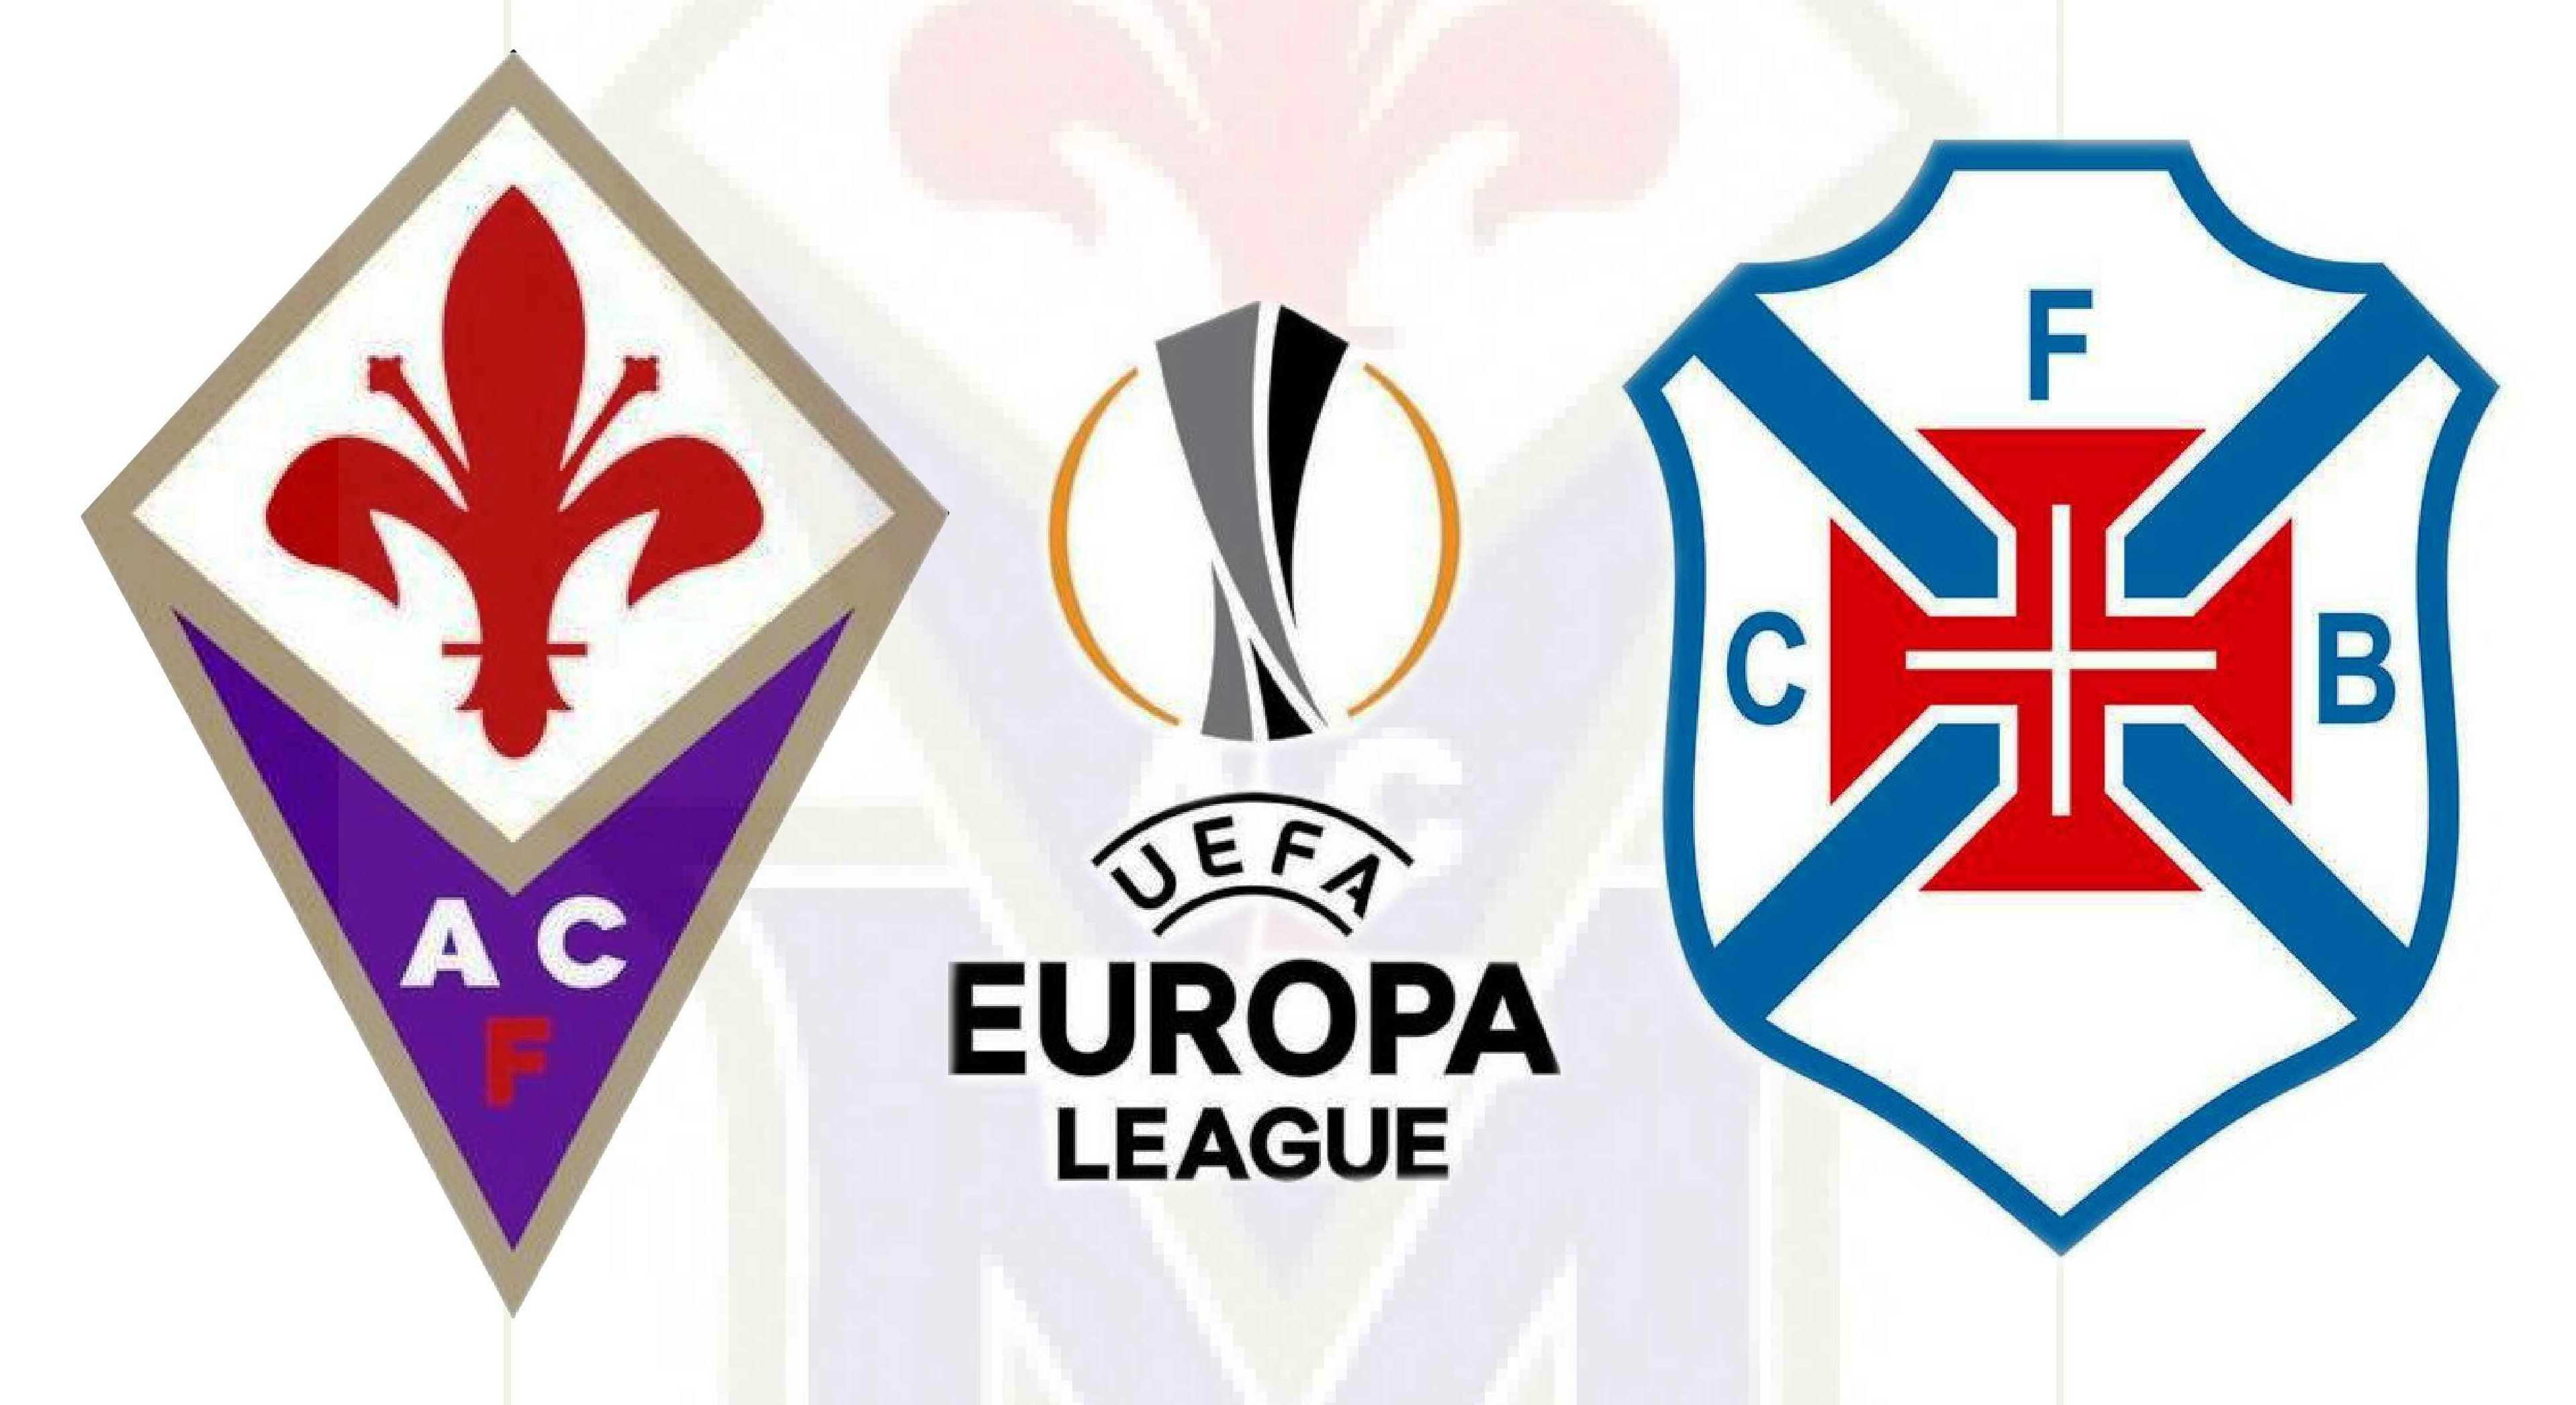 Fiorentina-Belenenses